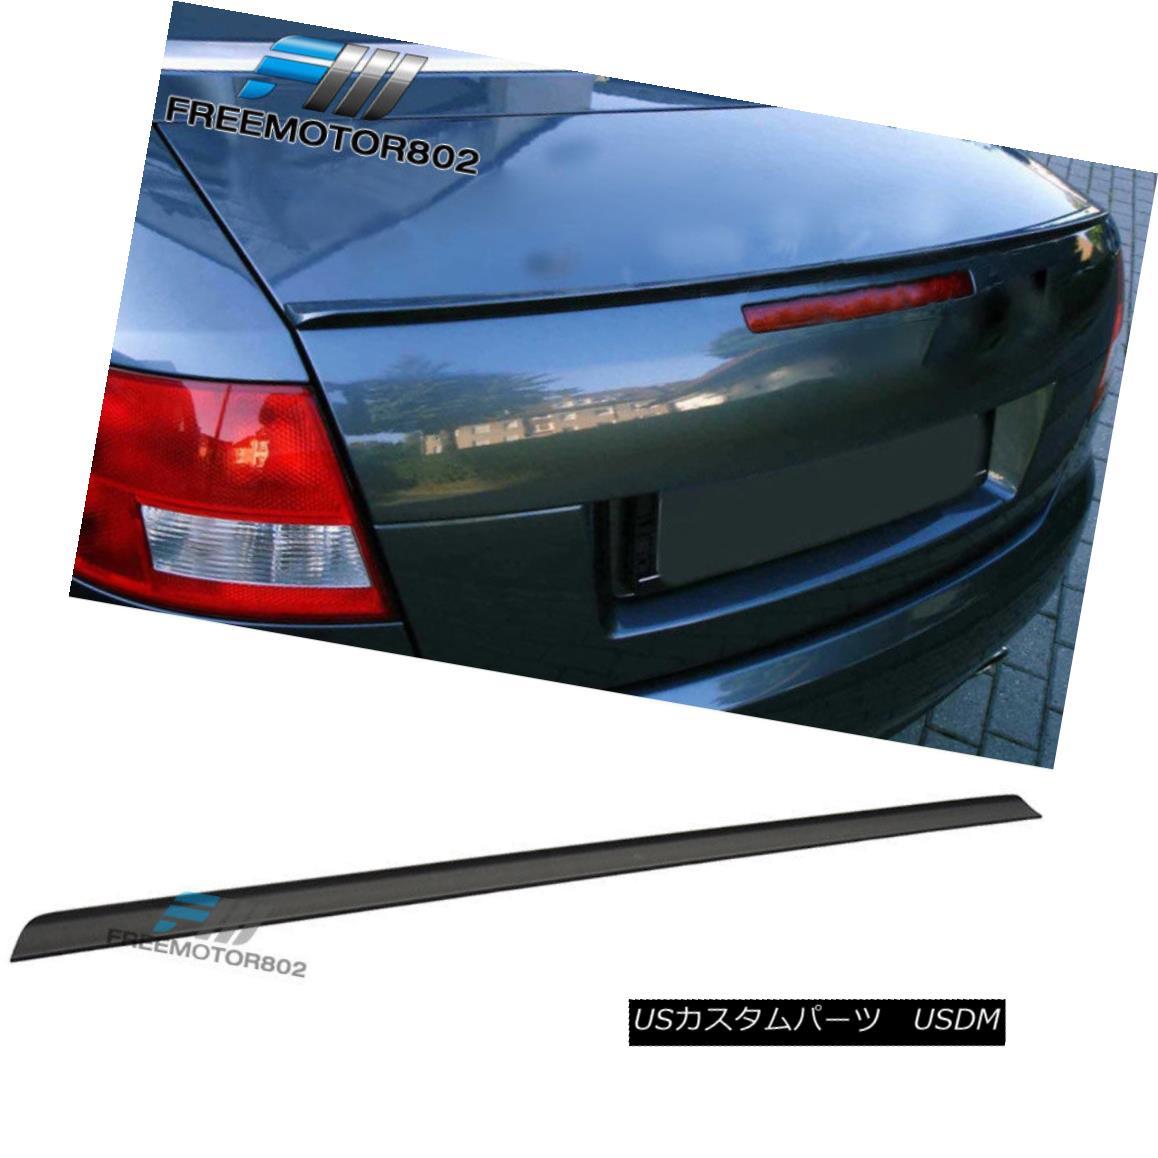 エアロパーツ Fit 01-06 Nissan Skyline V35 4Dr PV Style Rear Trunk Spoiler Wing PUF フィット01-06日産スカイラインV35 4Dr PVスタイルリアトランクスポイラーウイングPUF